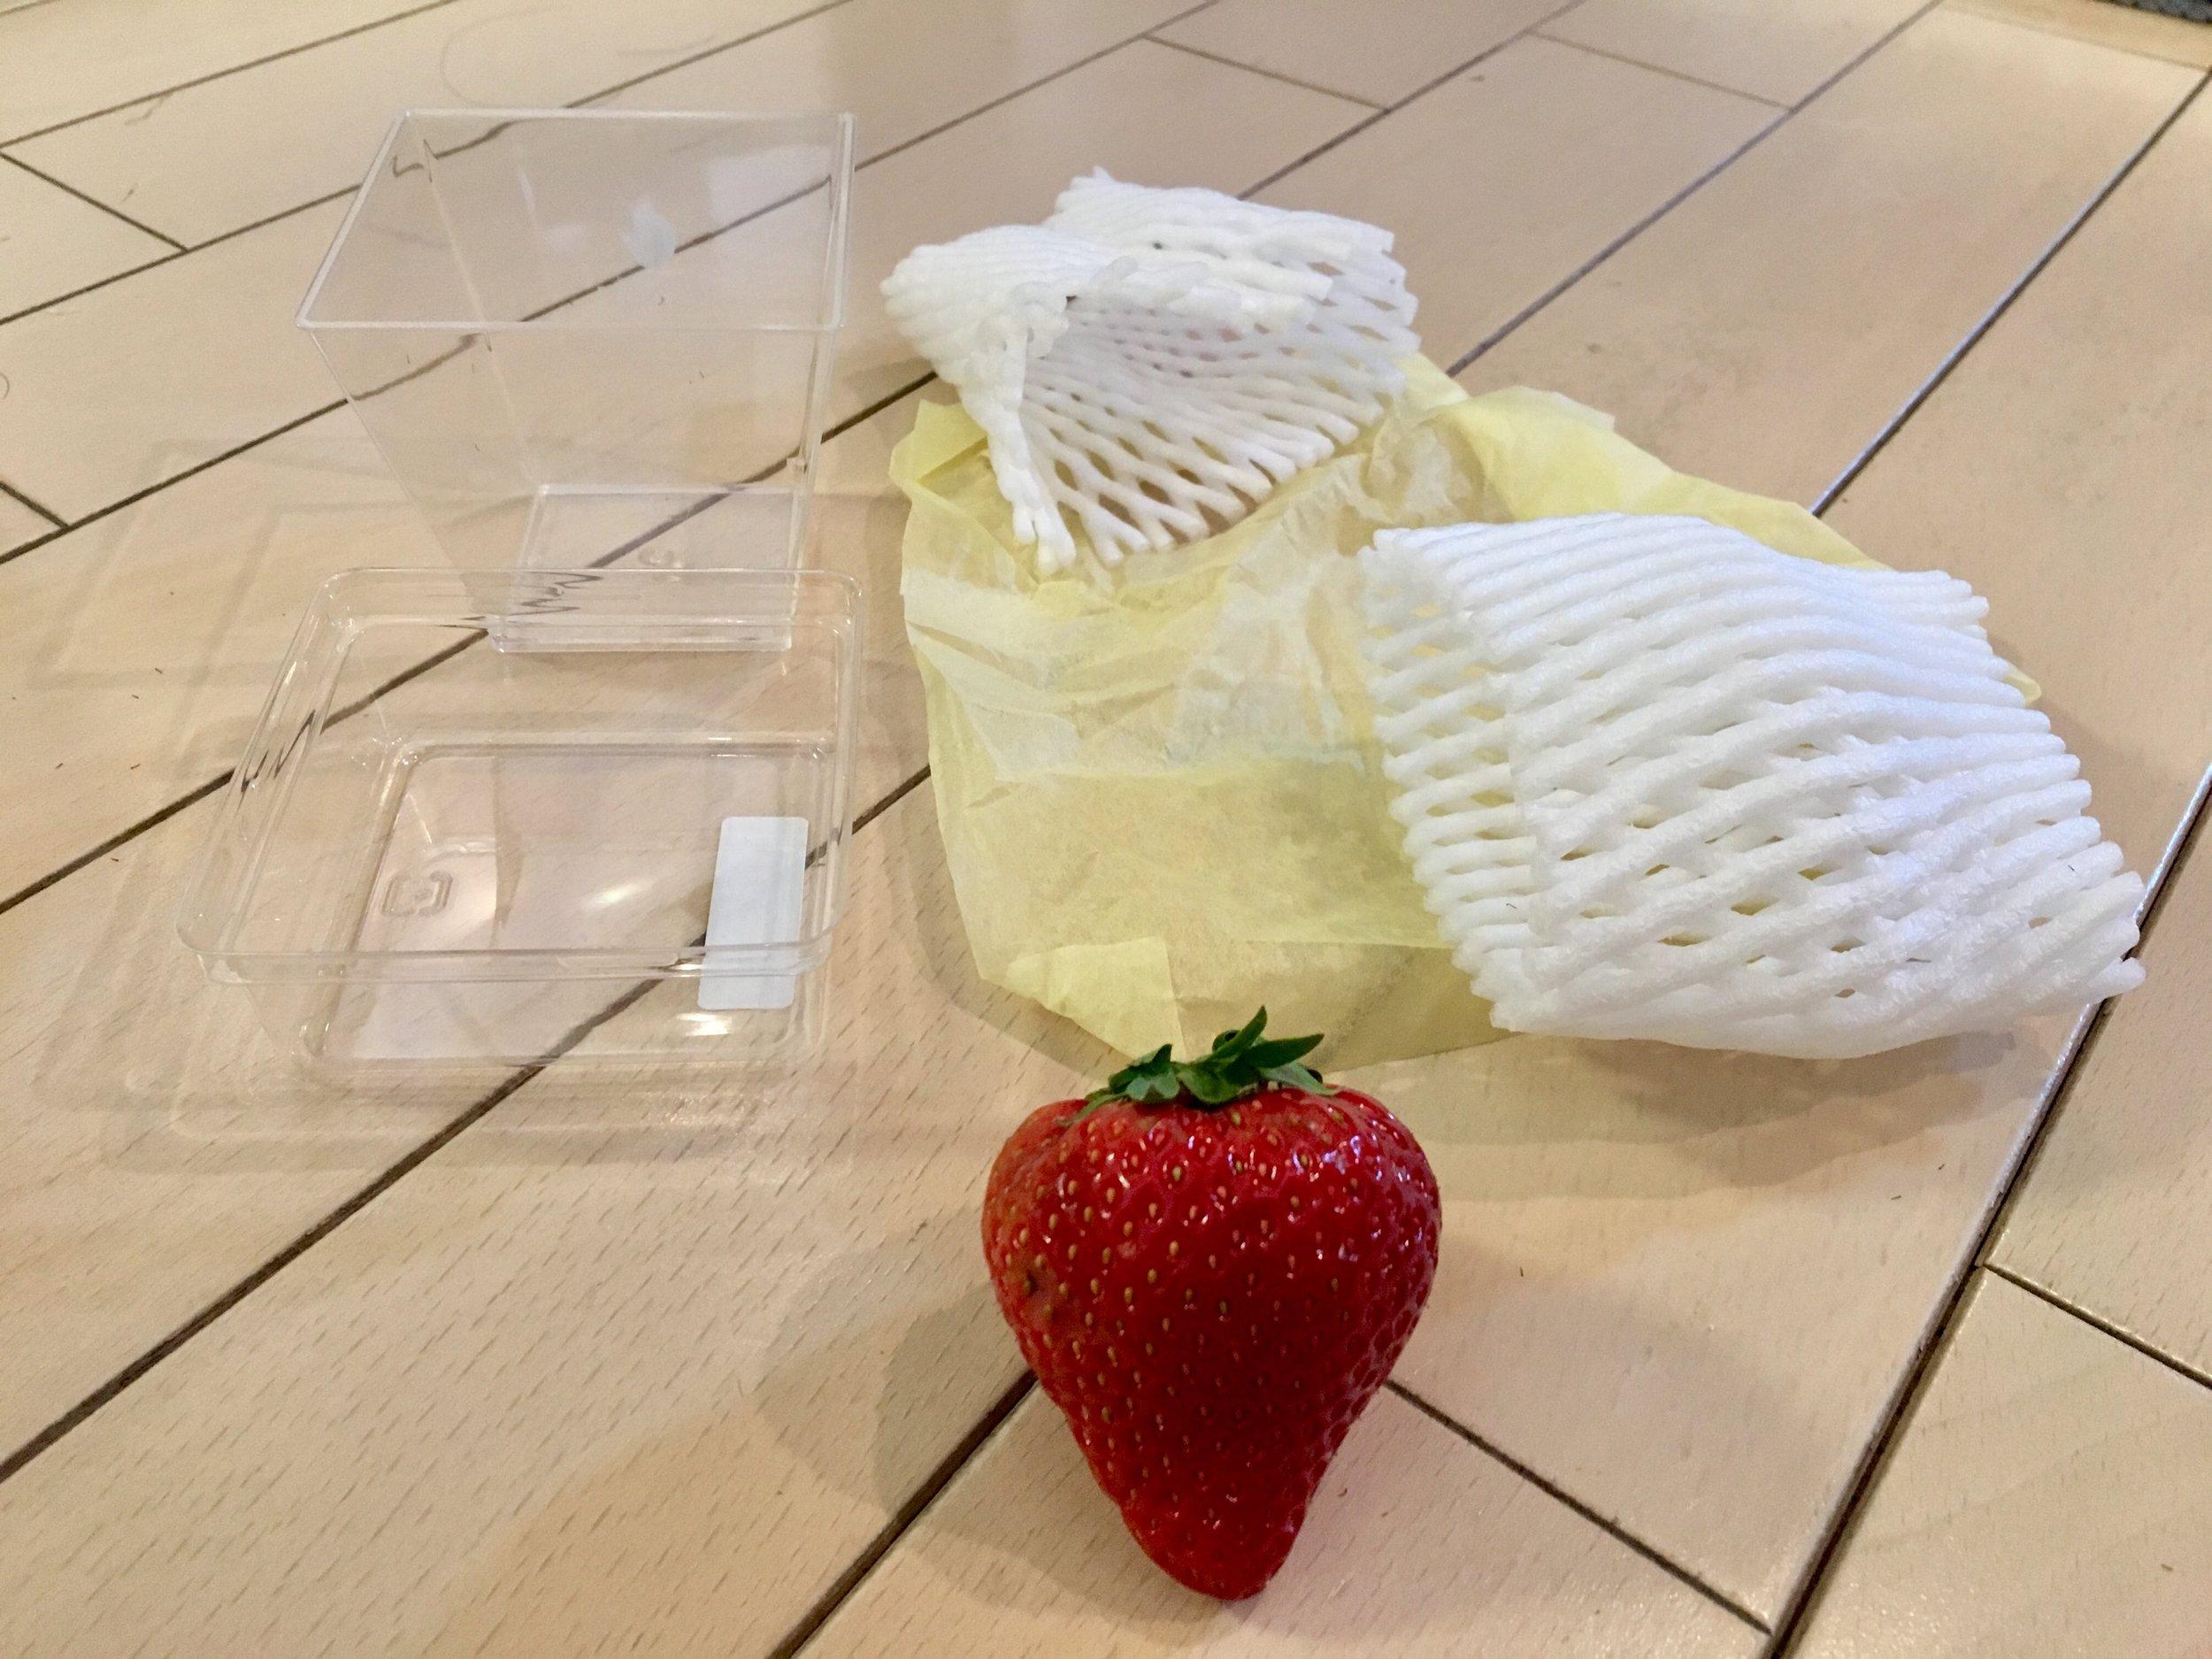 五つのプラスチックに包装されていた苺 - うーん…